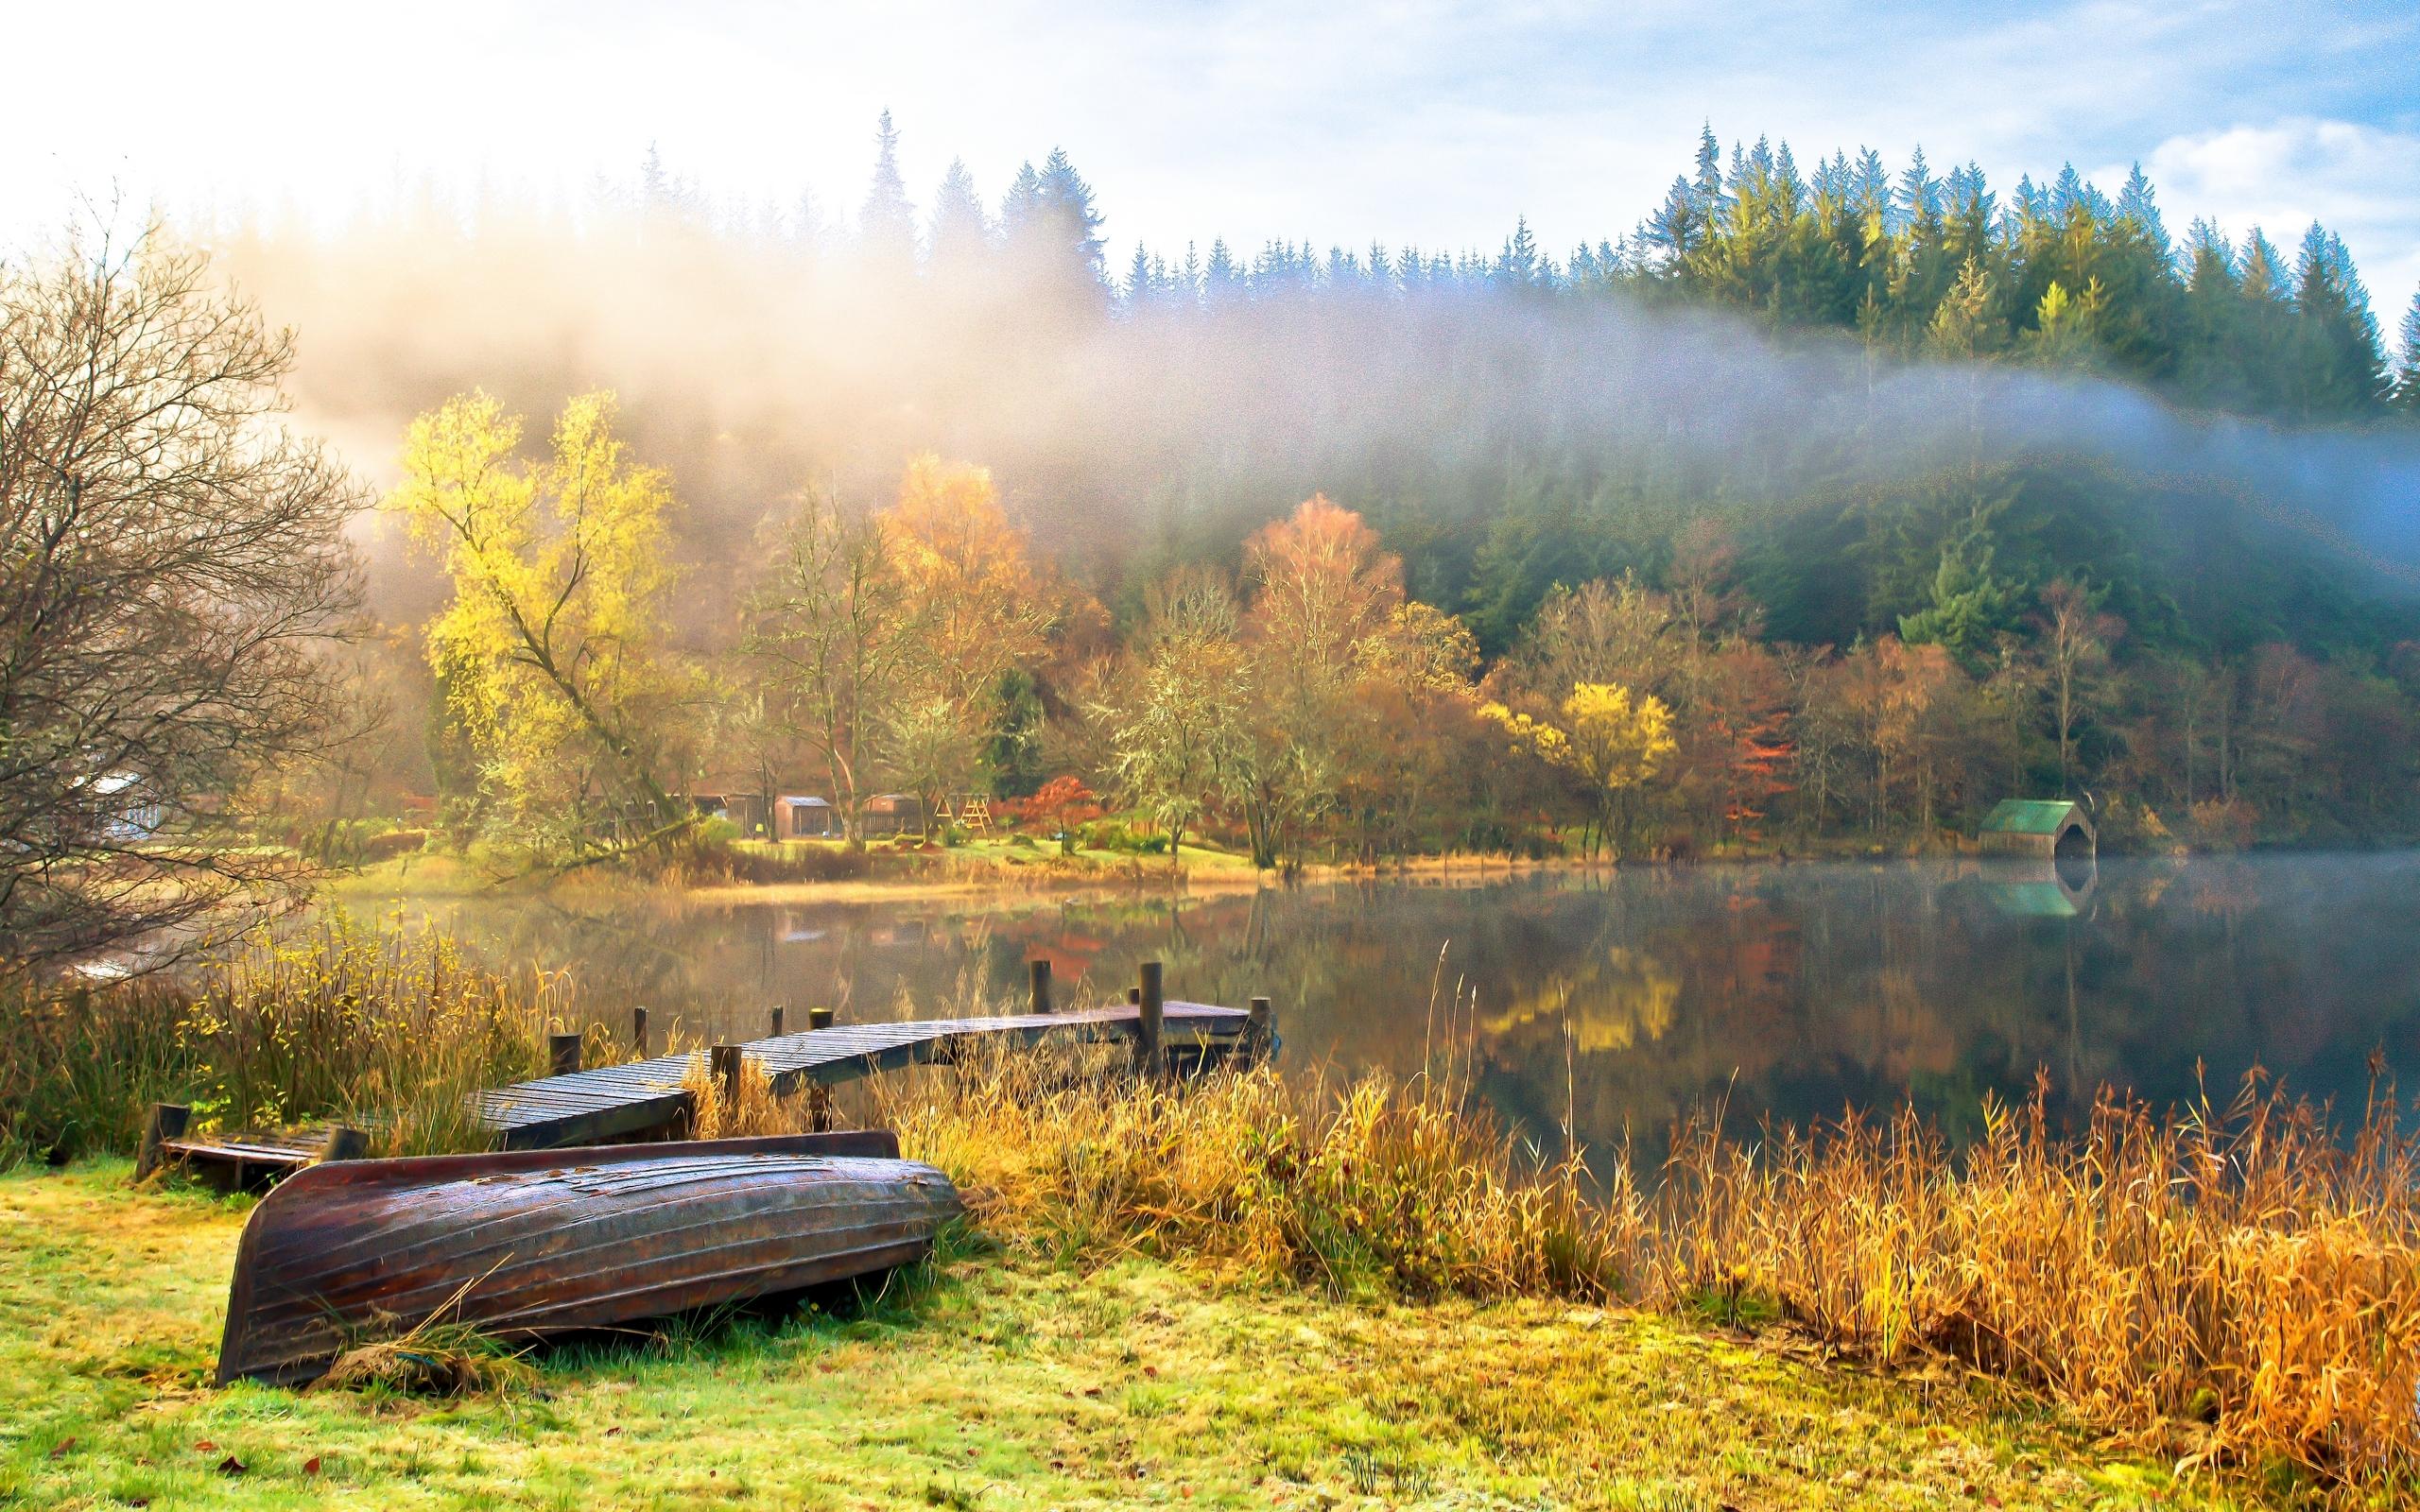 лодка в золотую осень бесплатно